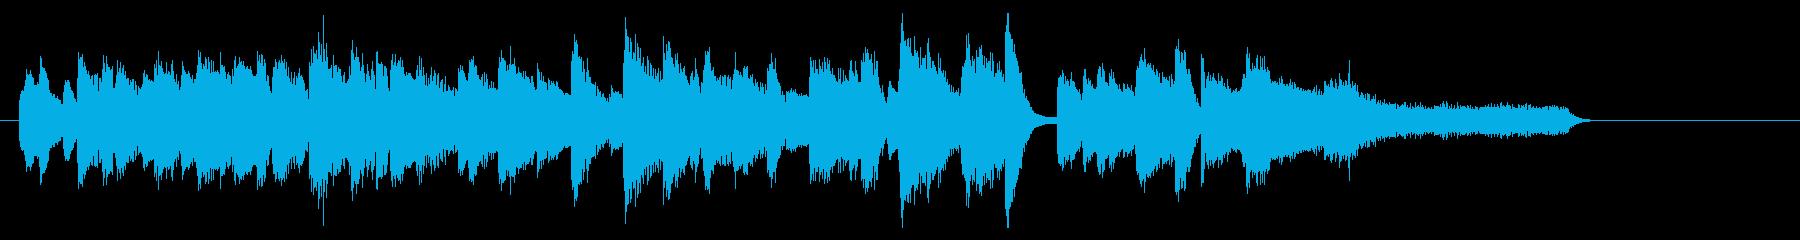 明るく元気なジャズピアノジングル10 の再生済みの波形